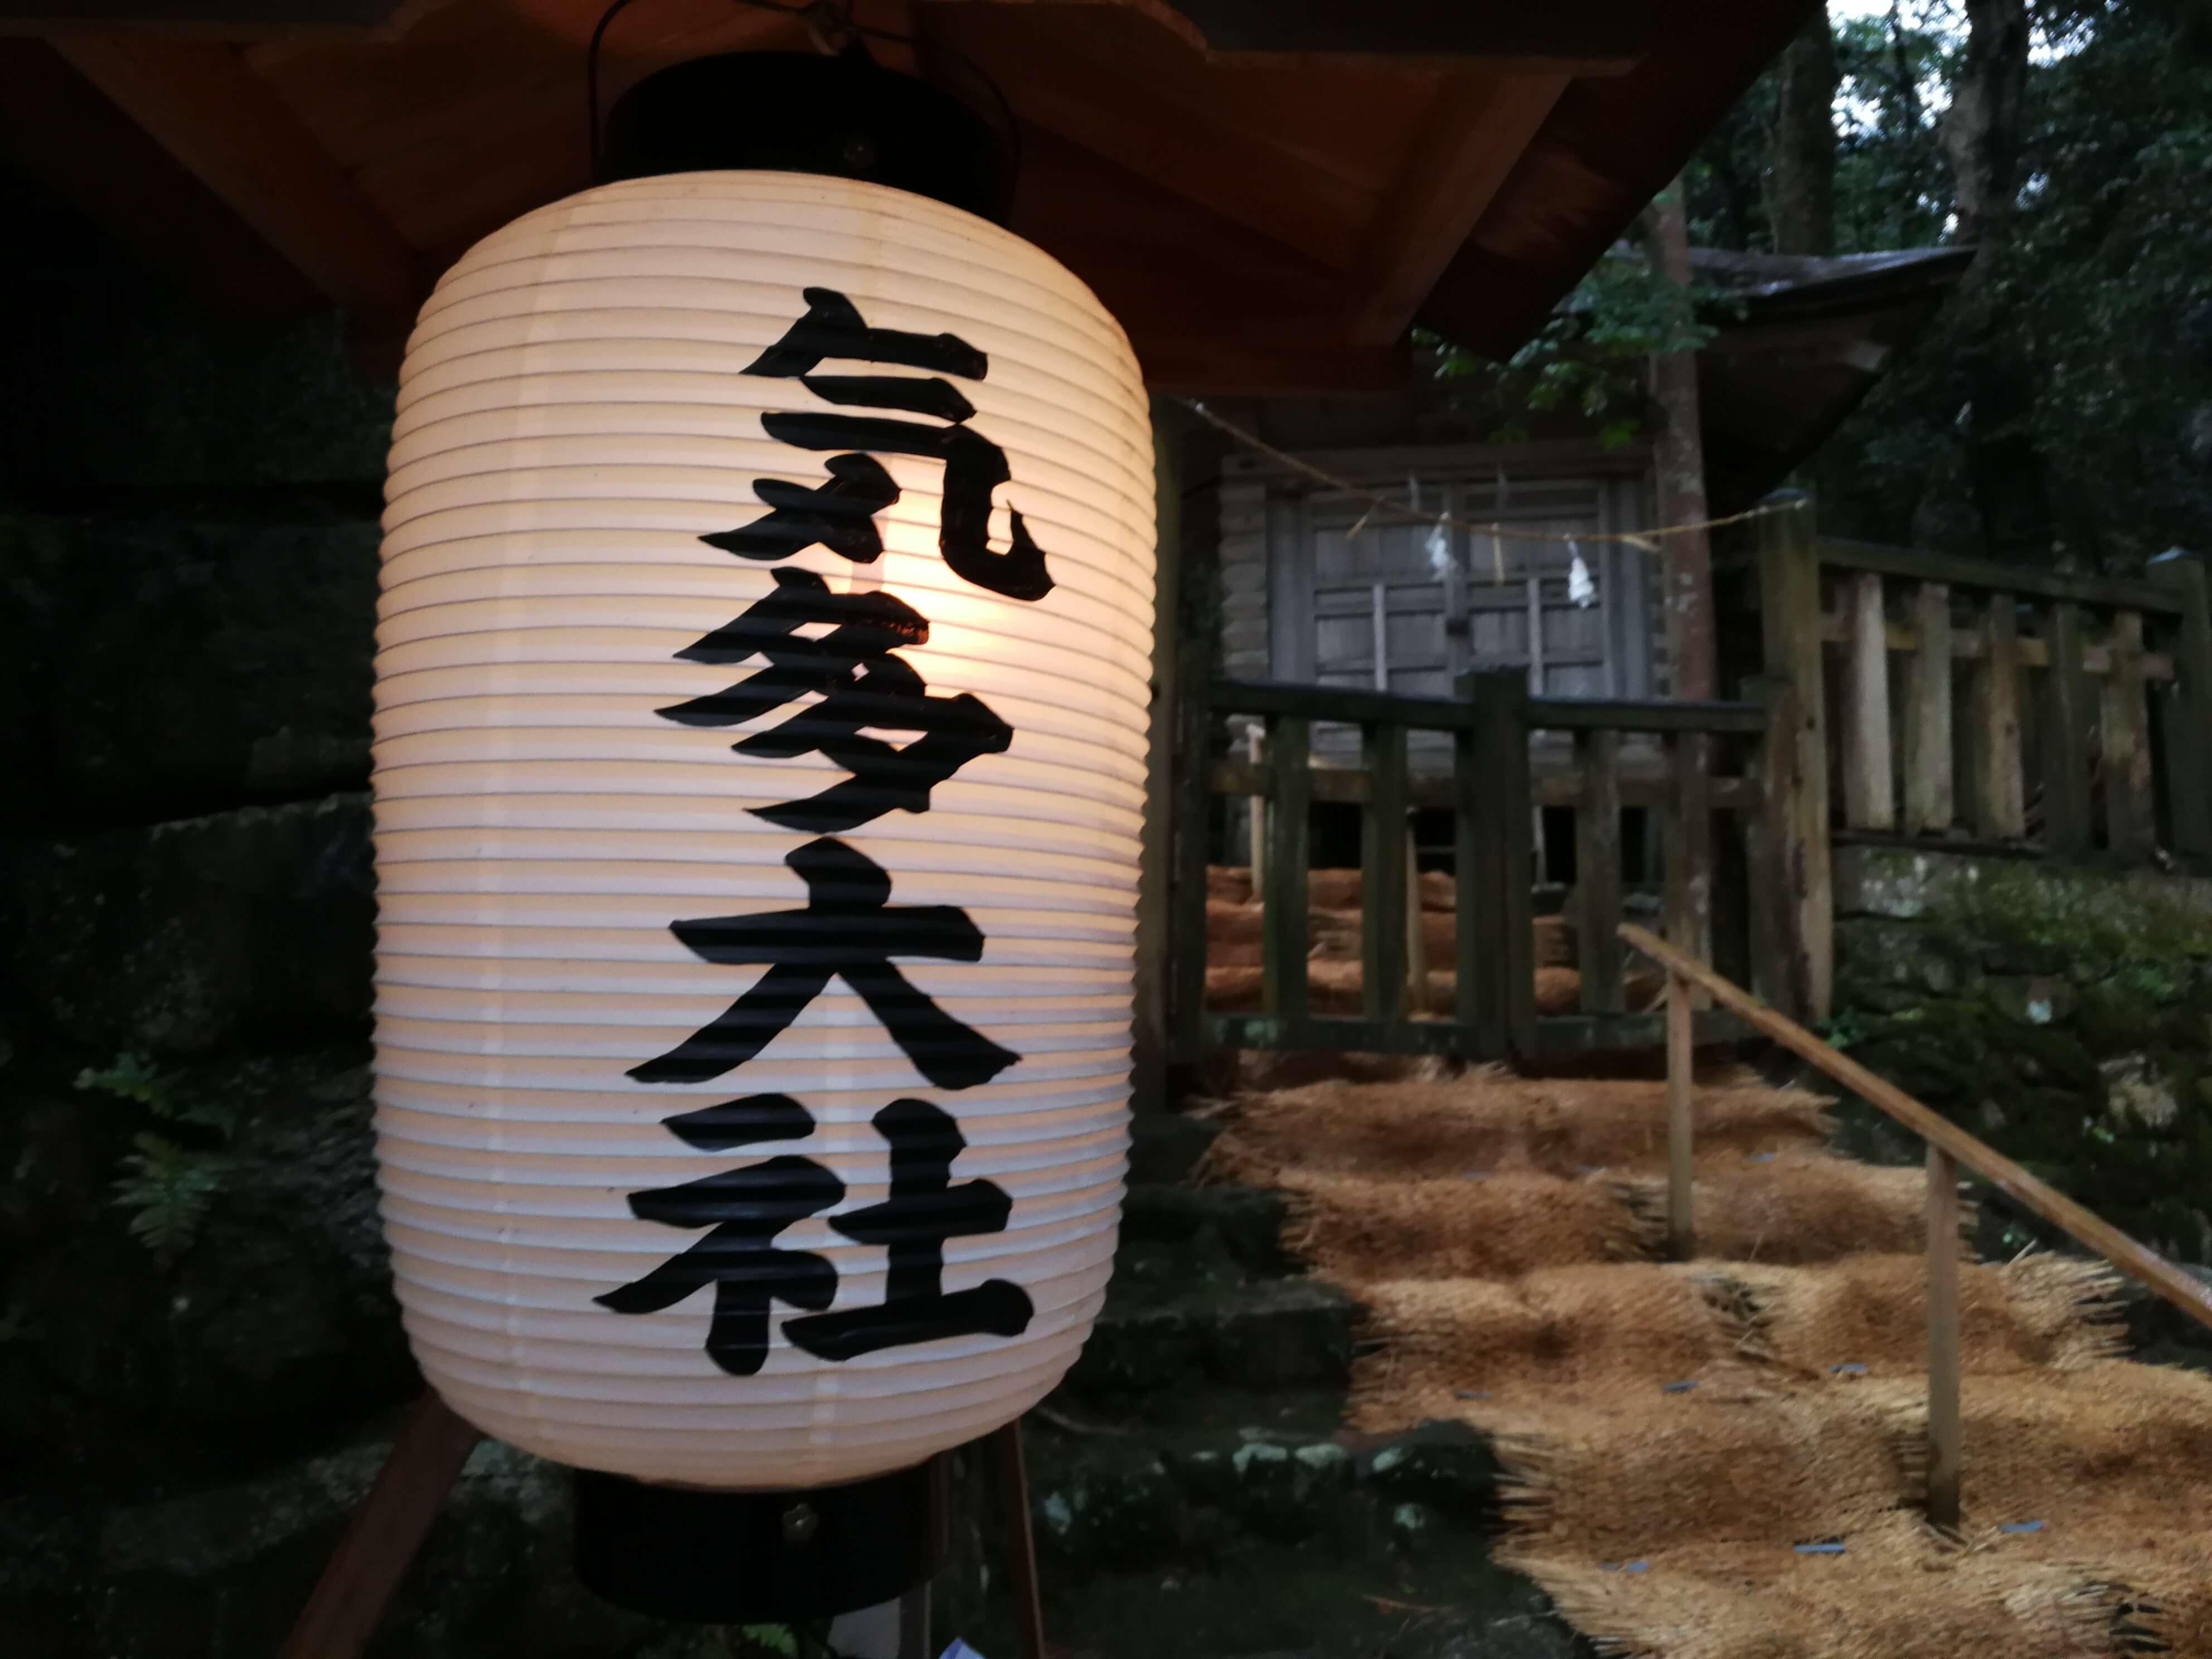 気多大社|羽咋市にある石川県最大級のパワースポットで恋愛成就・縁結びだって?!